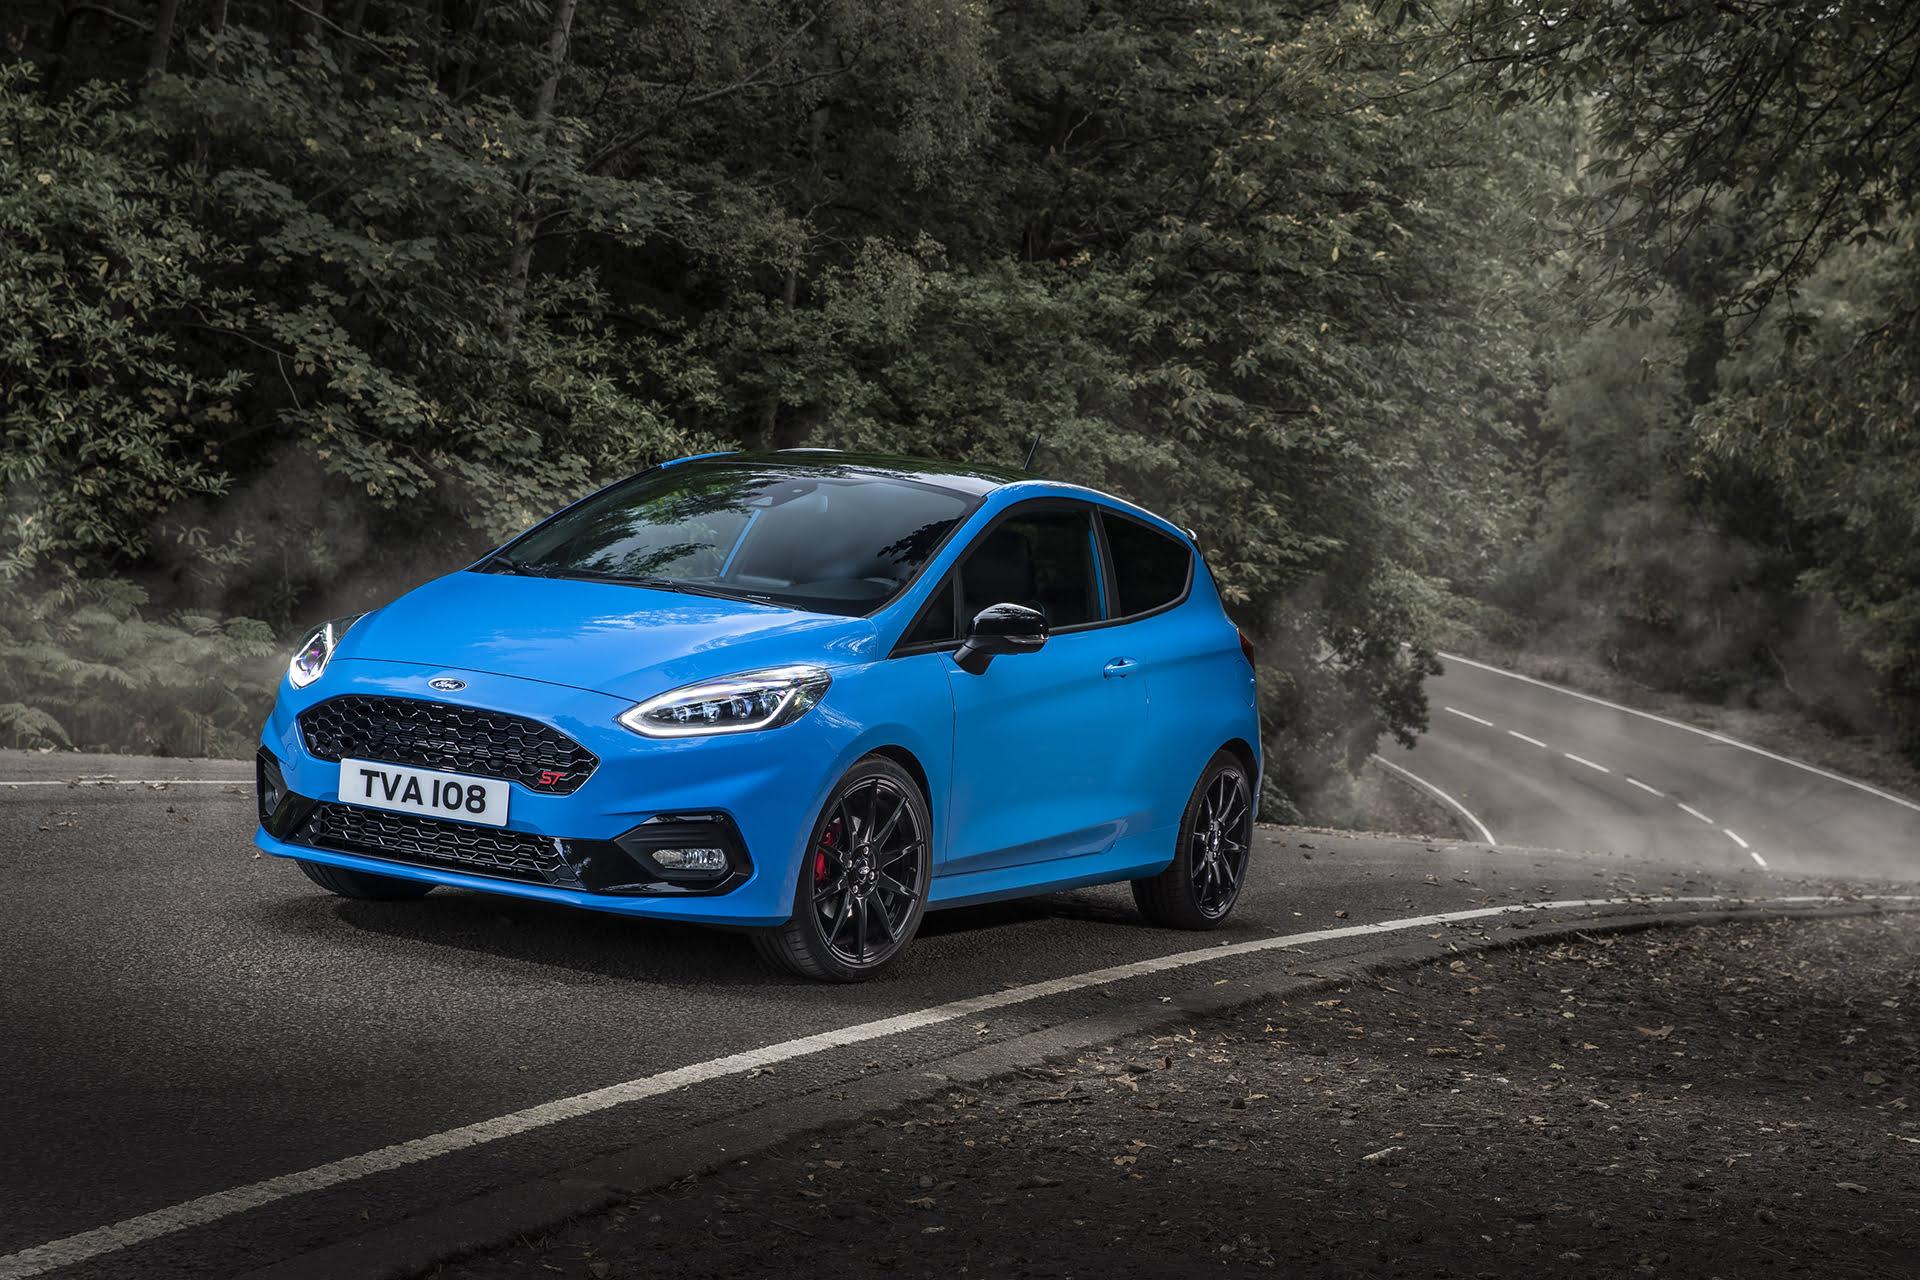 El nuevo Ford Fiesta ST llegará pronto a nuestro mercado.